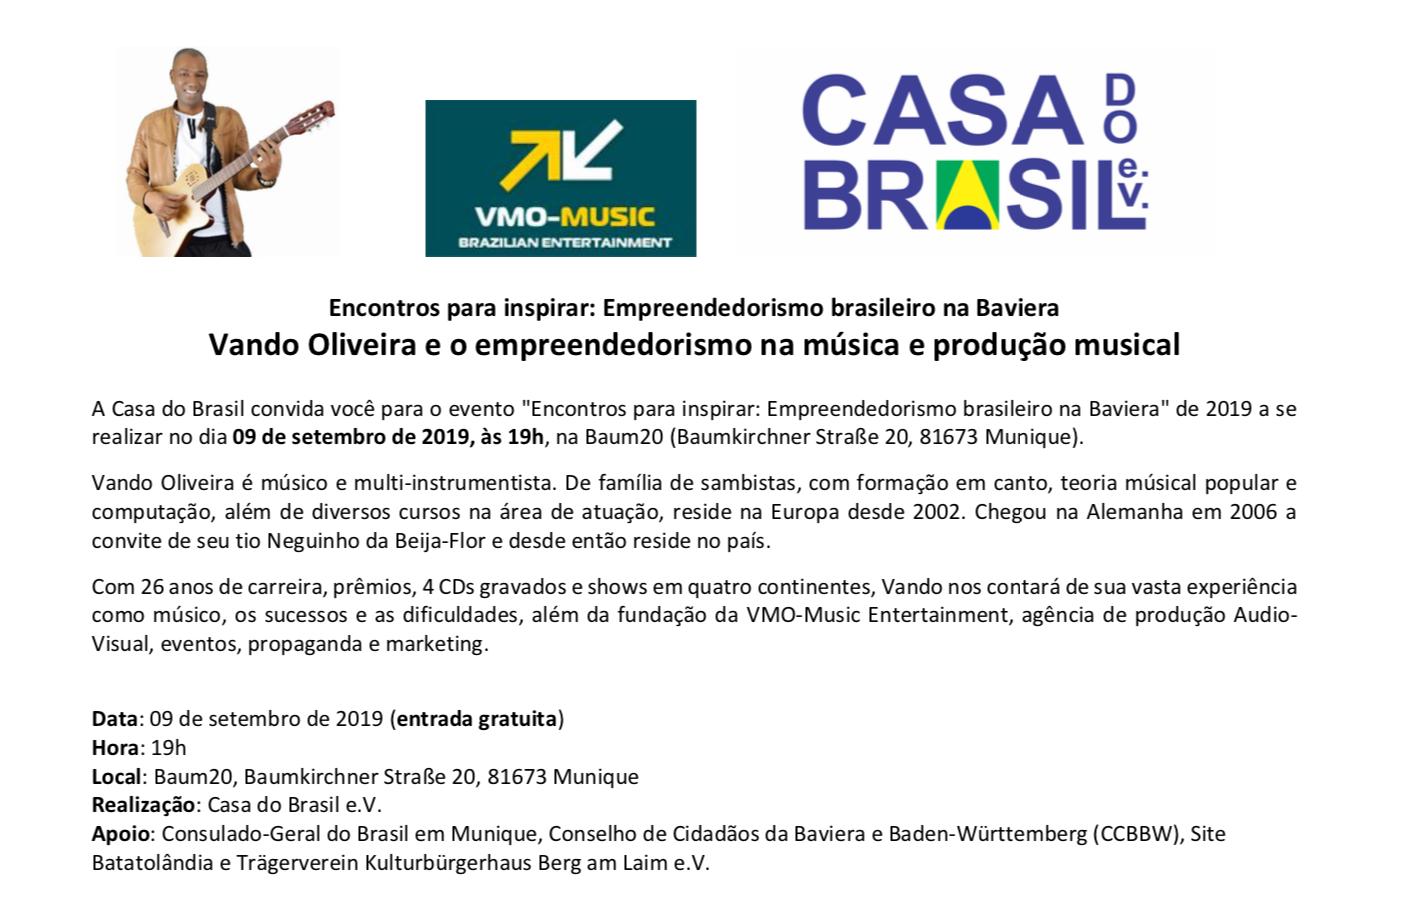 encontros-para-inspirar-empreendedorismo-brasileiro-na-baviera